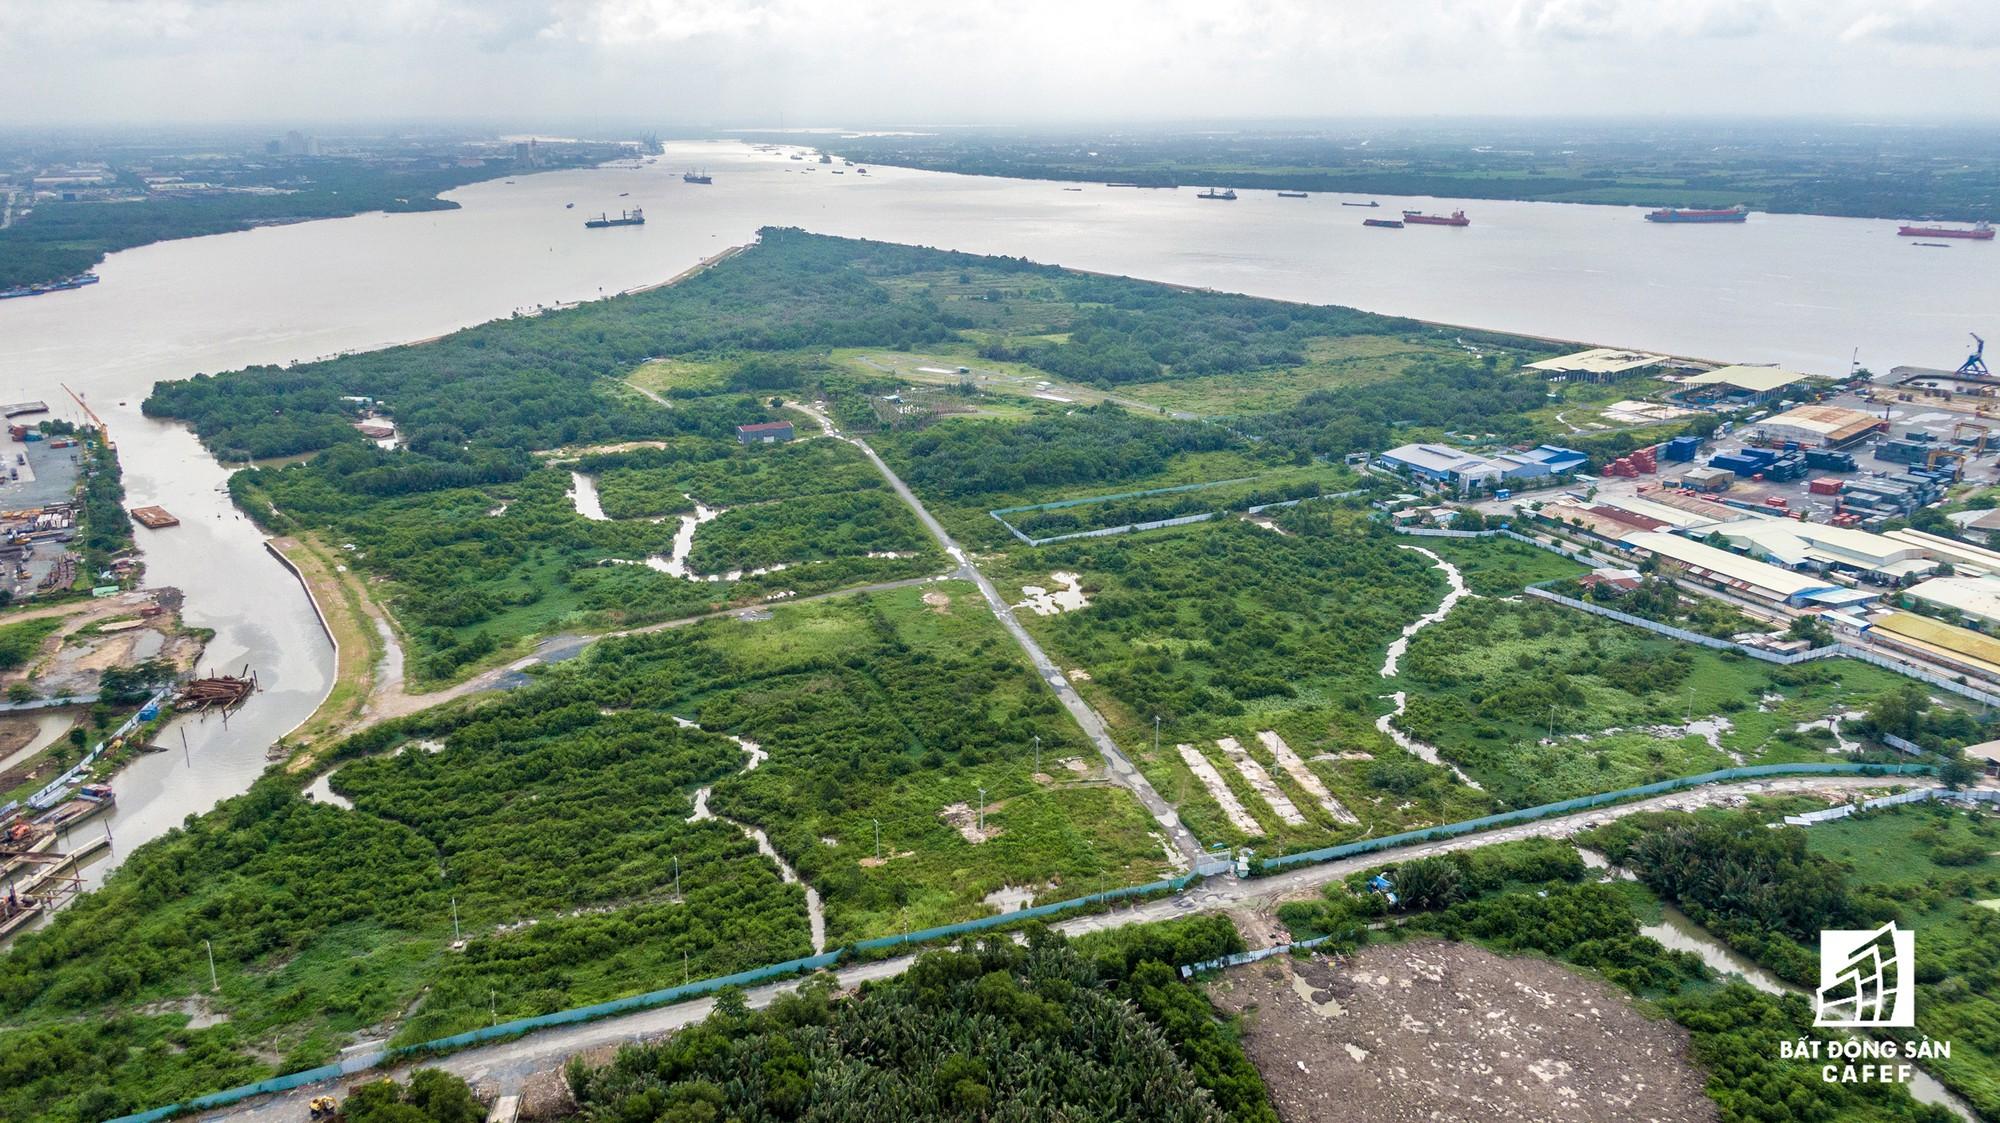 Diện mạo hai bờ sông Sài Gòn tương lai nhìn từ loạt siêu dự án tỷ đô, khu vực trung tâm giá nhà lên hơn 1 tỷ đồng/m2 - Ảnh 19. Diện mạo hai bờ sông Sài Gòn tương lai nhìn từ loạt siêu dự án tỷ đô, khu vực trung tâm giá nhà lên hơn 1 tỷ đồng/m2 Diện mạo hai bờ sông Sài Gòn tương lai nhìn từ loạt siêu dự án tỷ đô, khu vực trung tâm giá nhà lên hơn 1 tỷ đồng/m2 hinh 60 15682775312272059922045